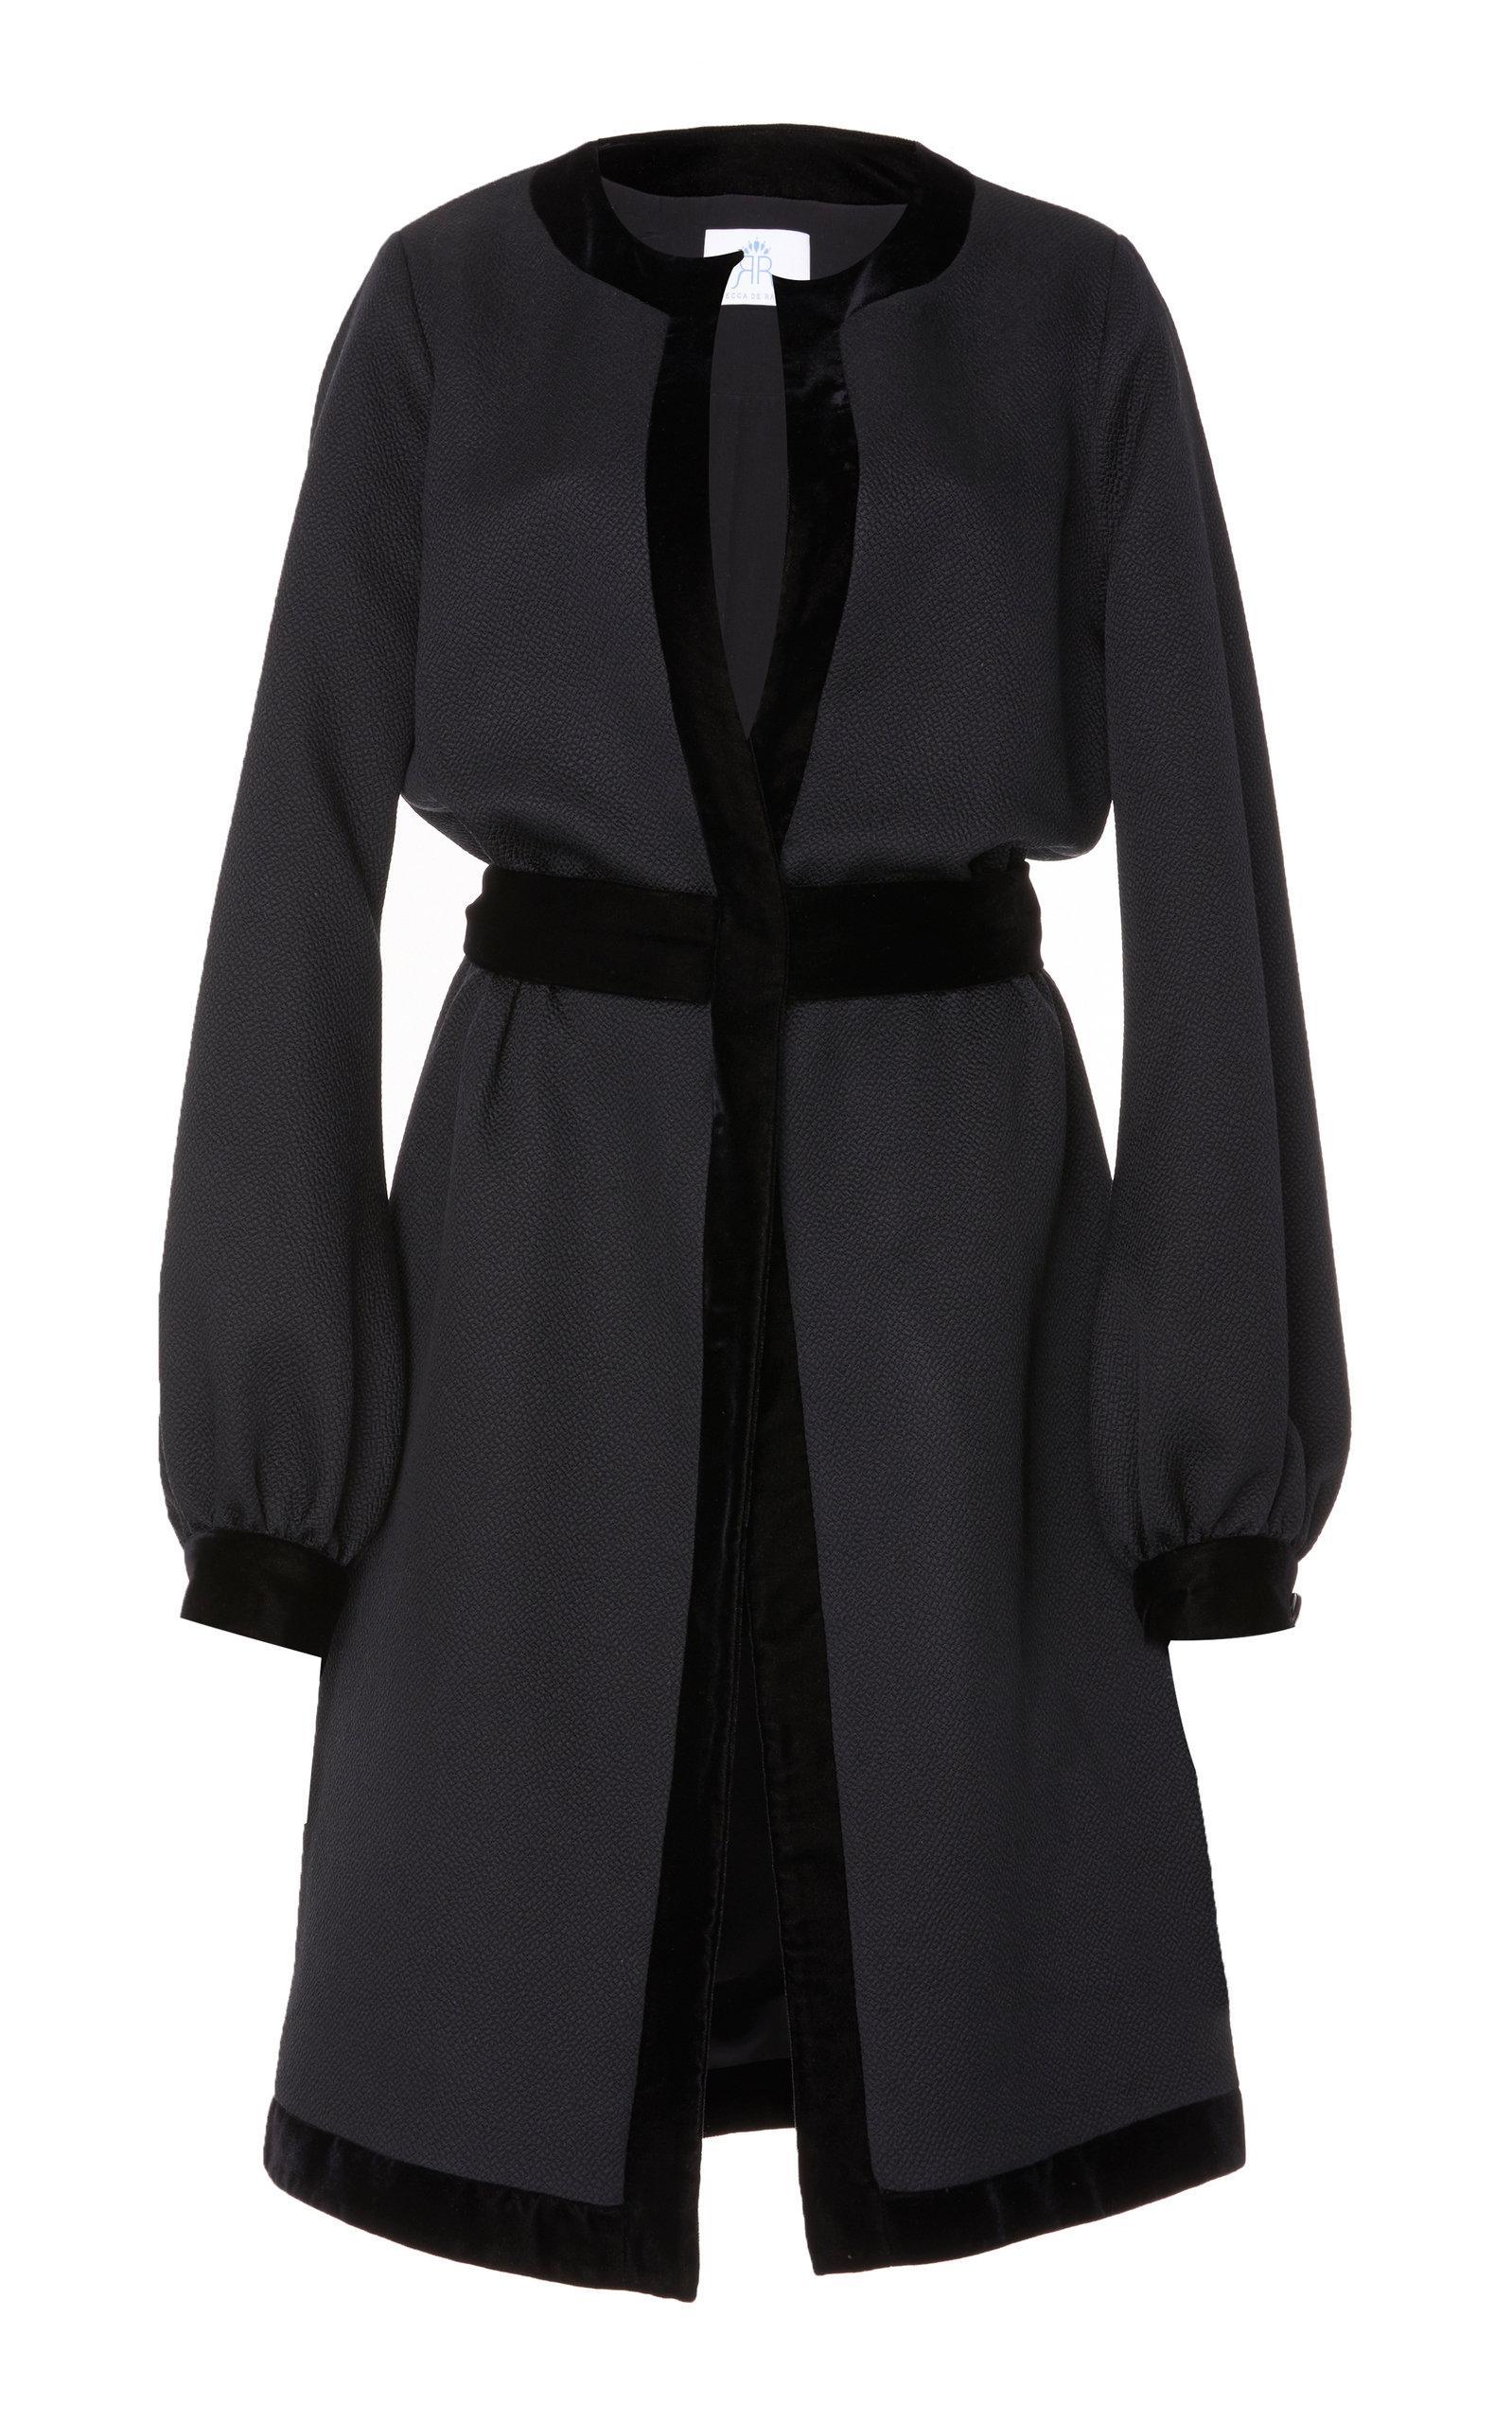 Rebecca De Ravenel Jacquard Jacket In Black